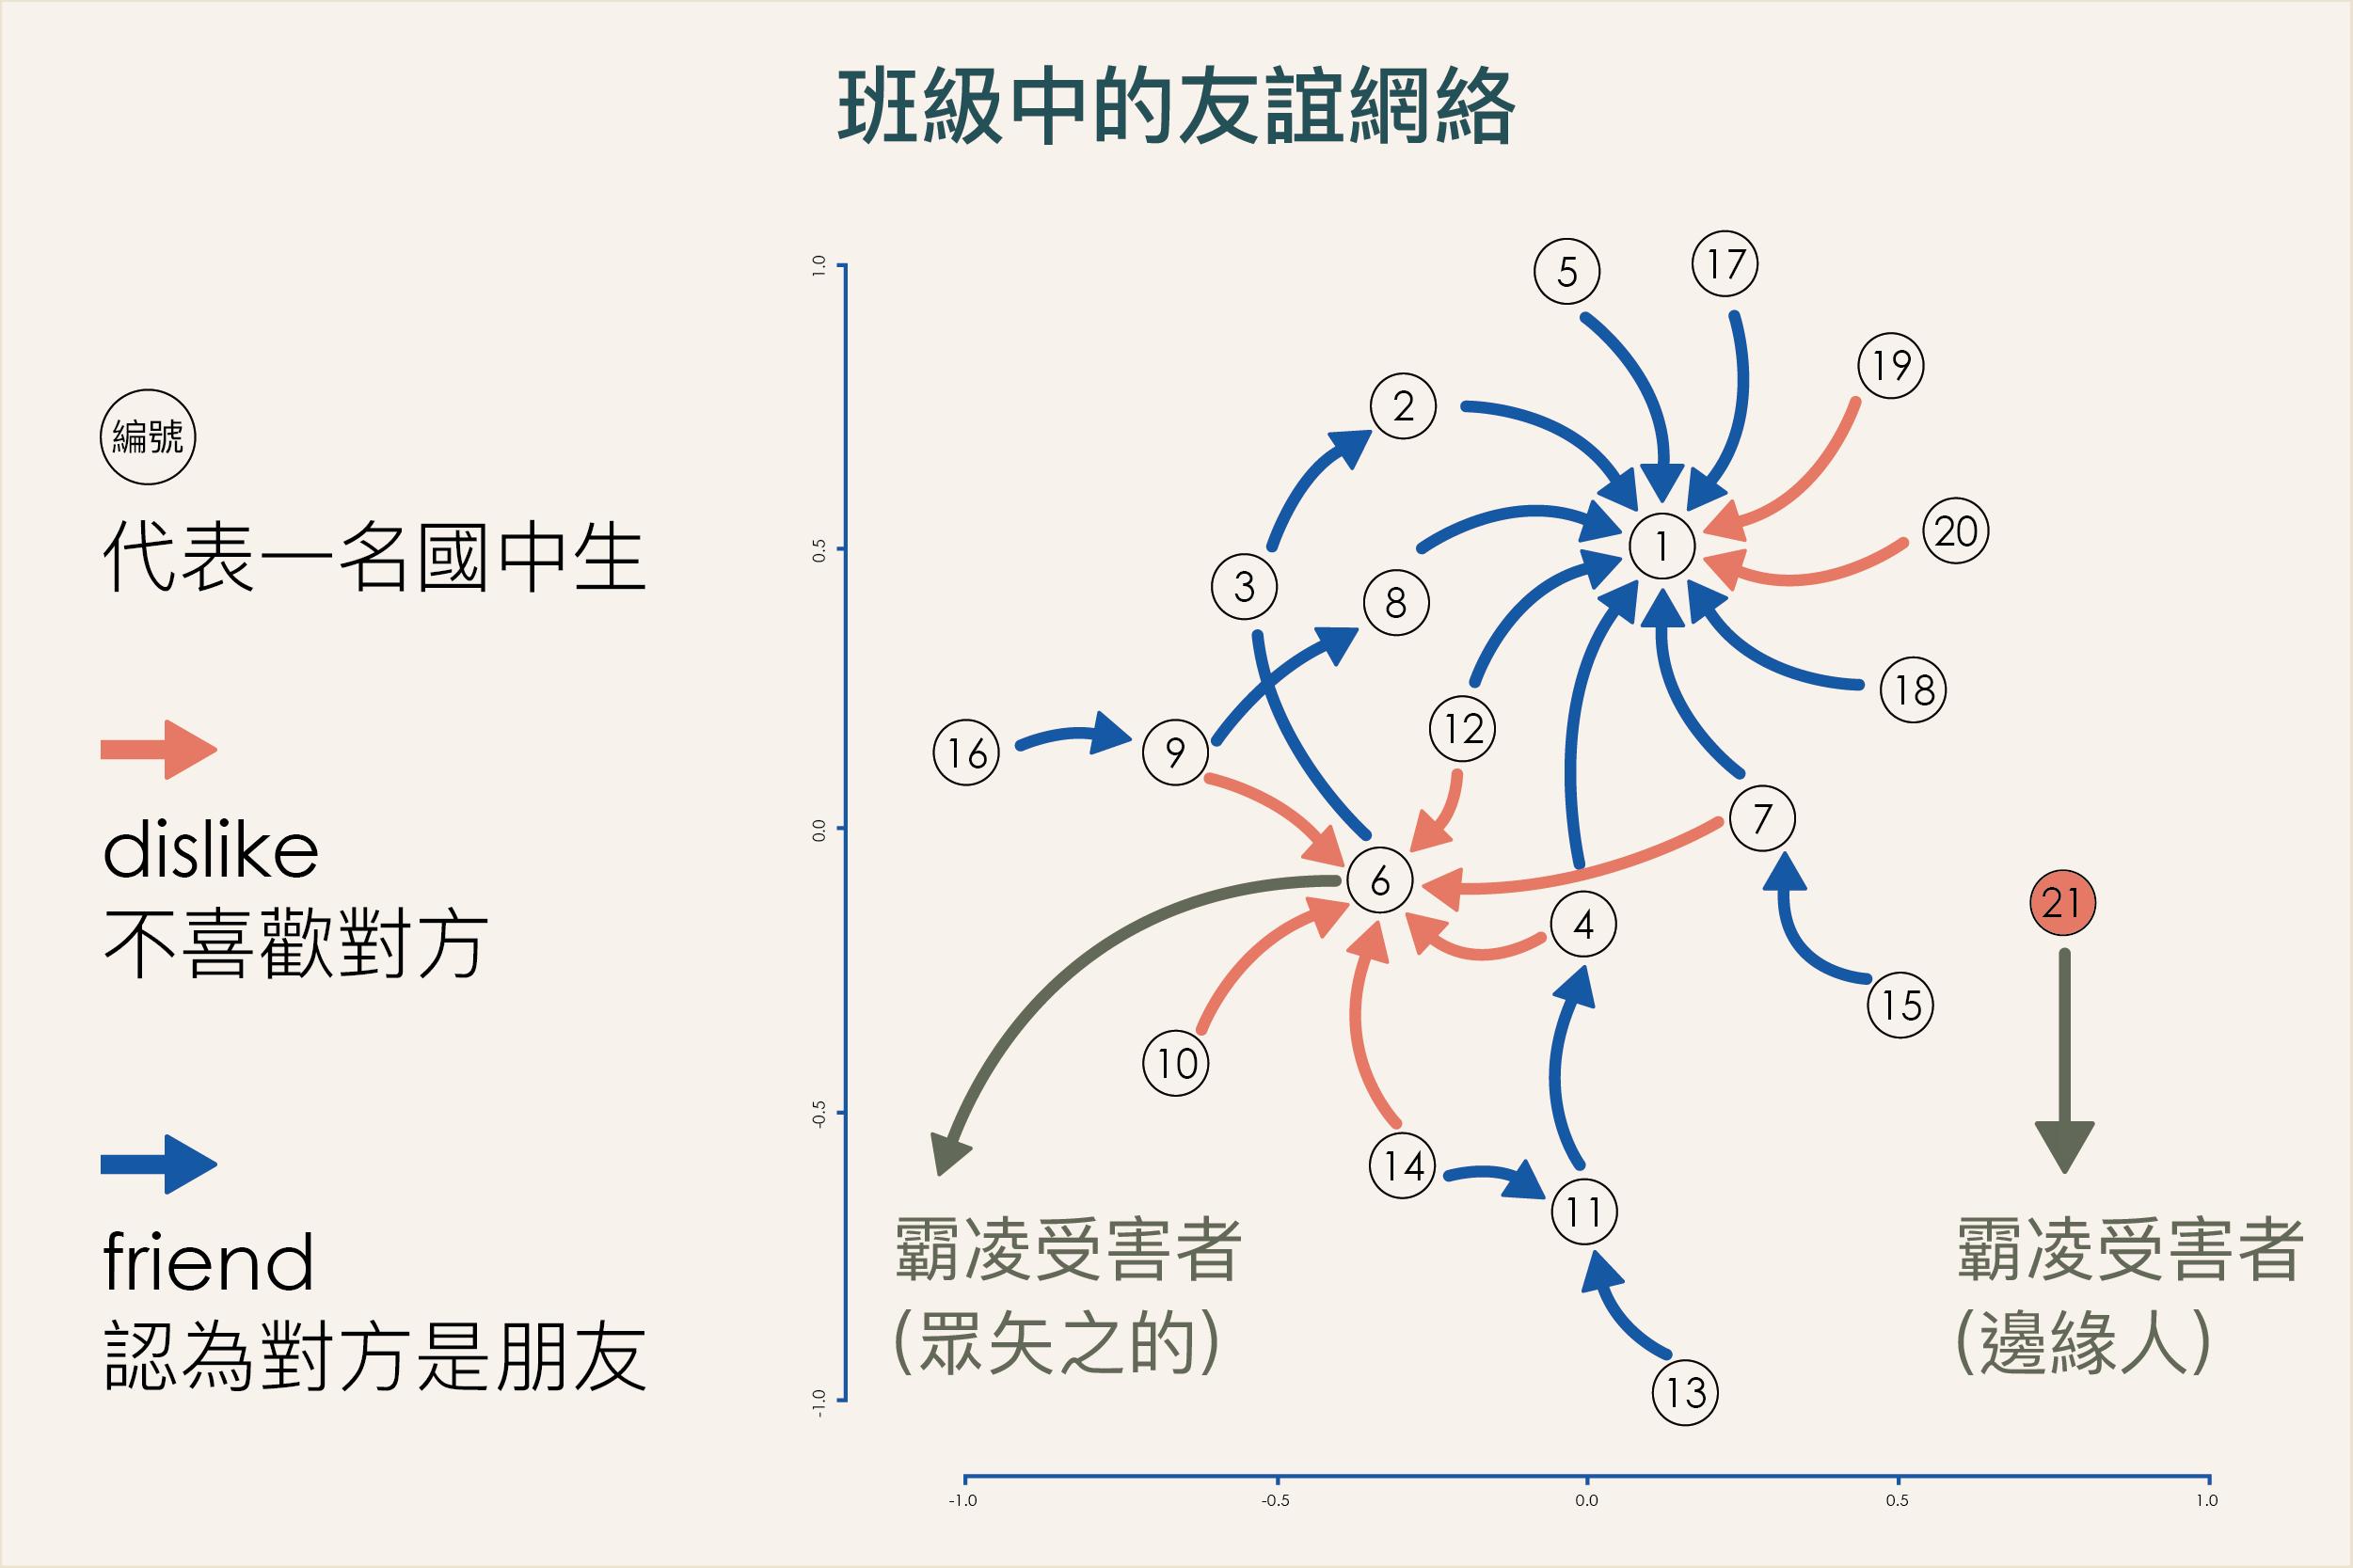 每個編號代表一名國中生,藍色箭頭表示認為對方是朋友,紅色箭頭表示不喜歡對方,整體交織成愛恨並存的完整友誼網絡。圖 研之有物(資料來源 吳齊殷提供)